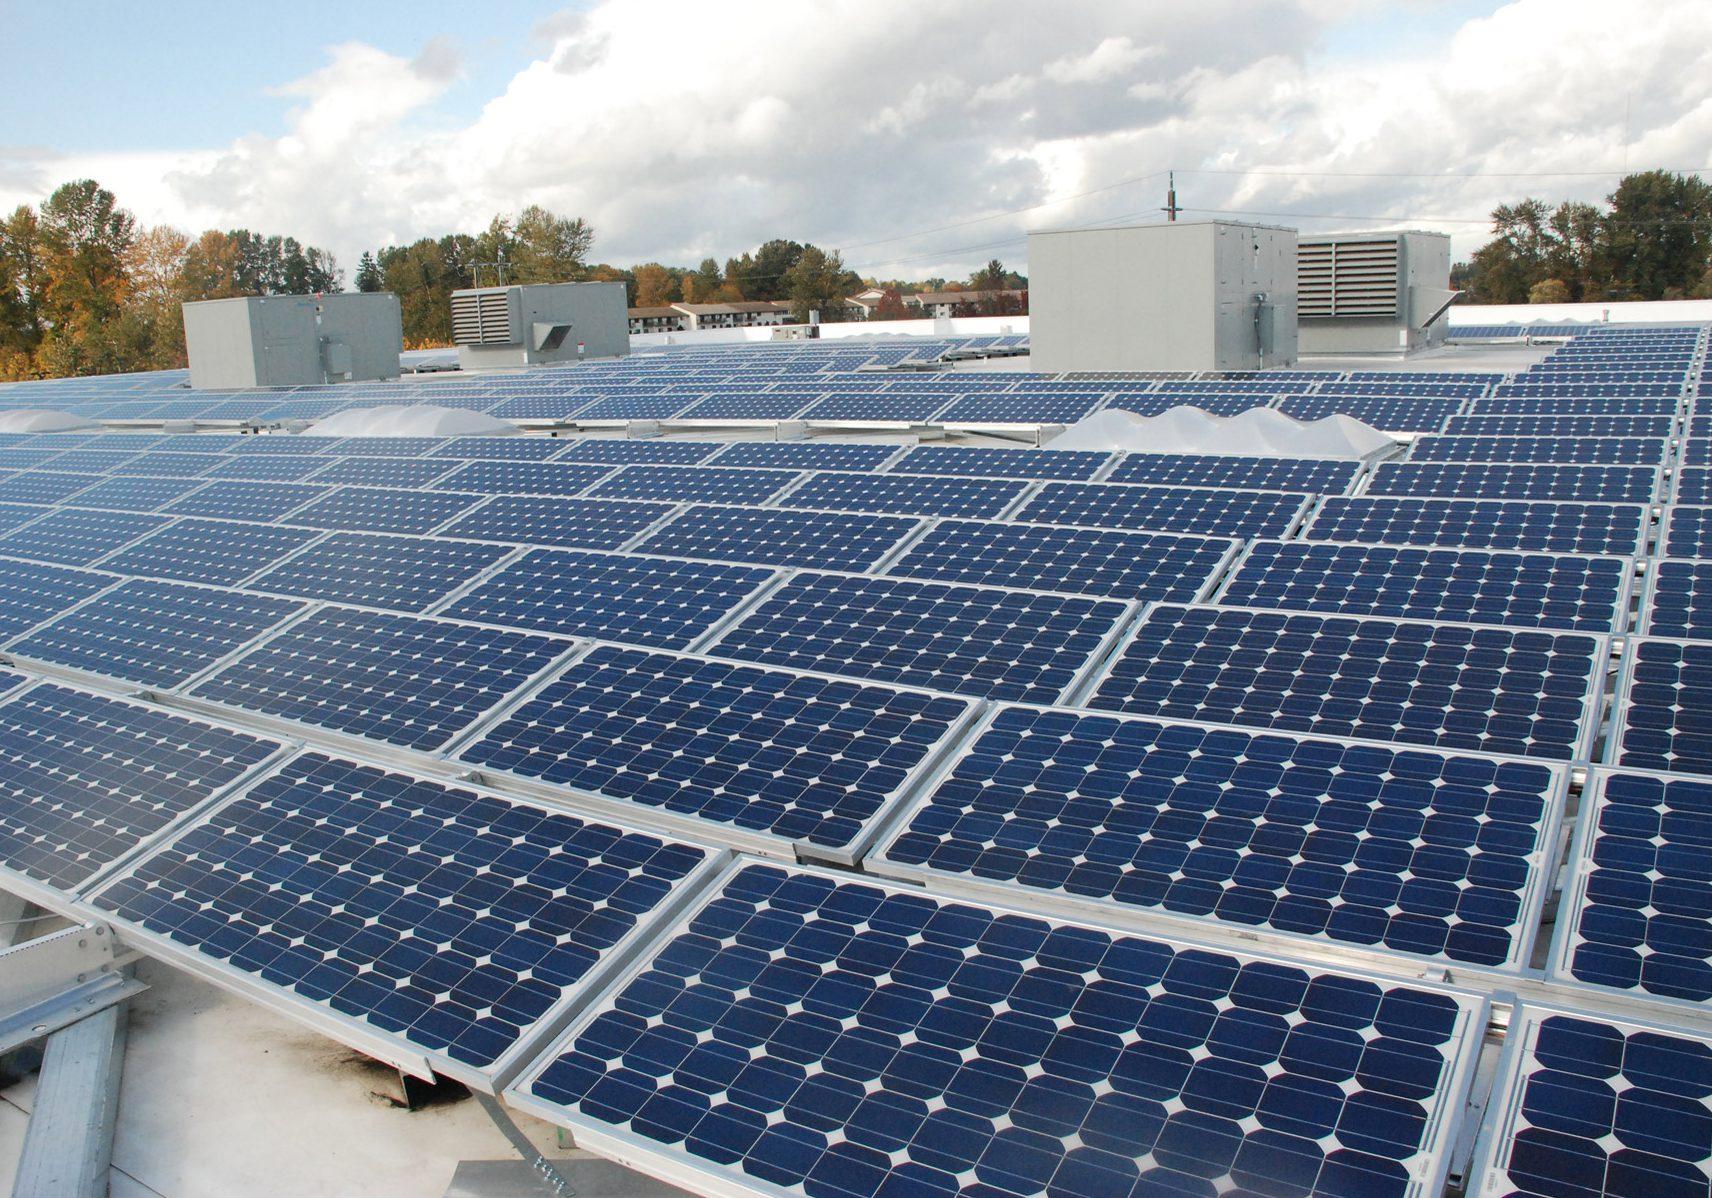 Votre dossier de hangar photovoltaïque gratuit | Bâtiment Gratuit